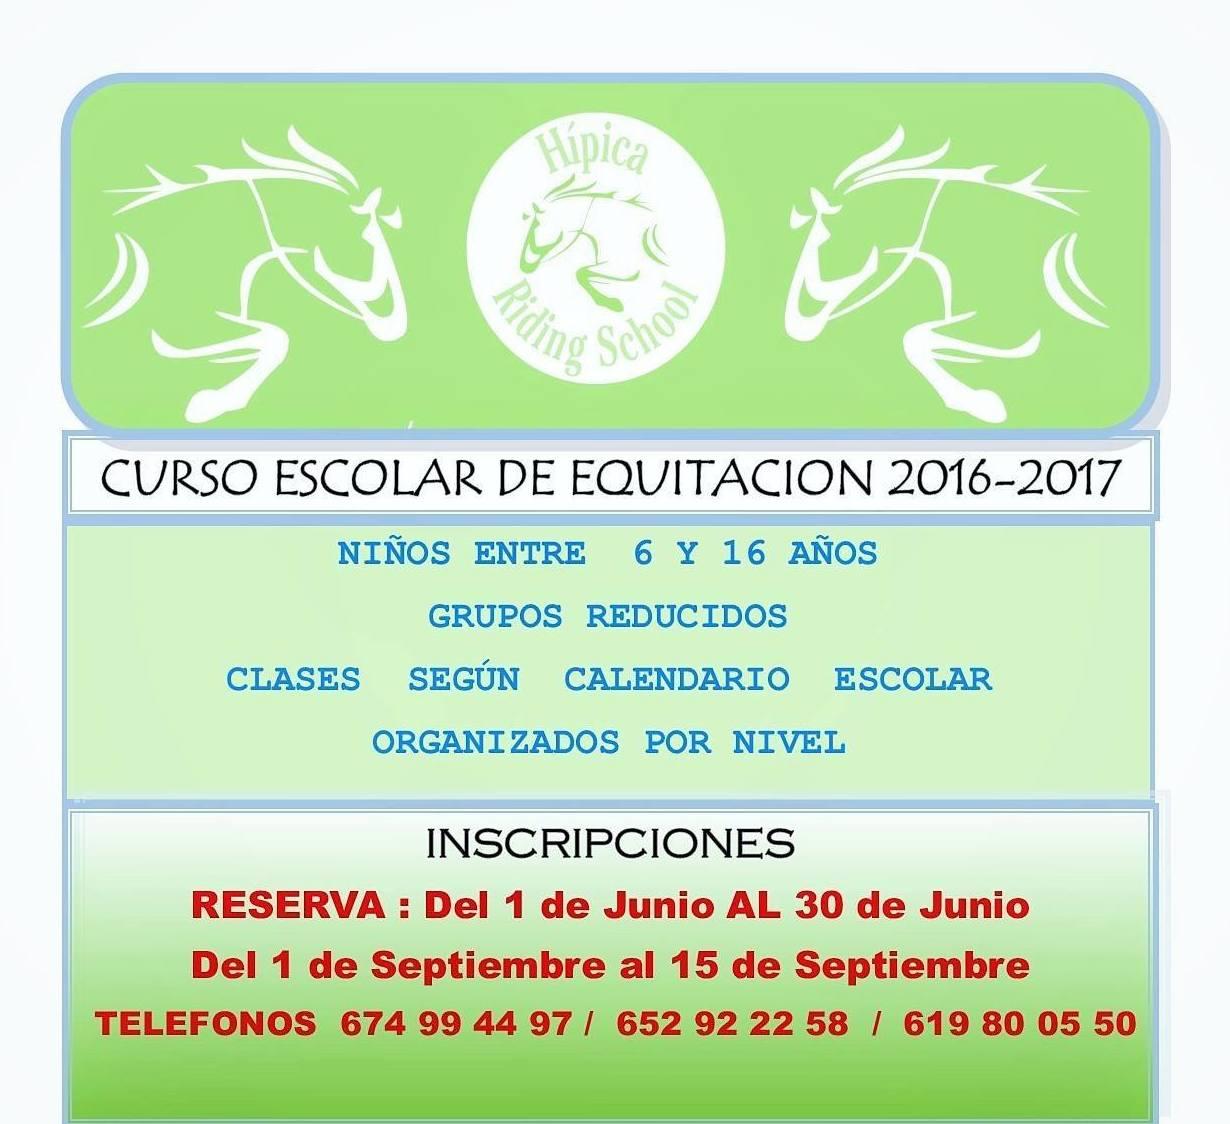 CURSO ESCOLAR 2016-2017